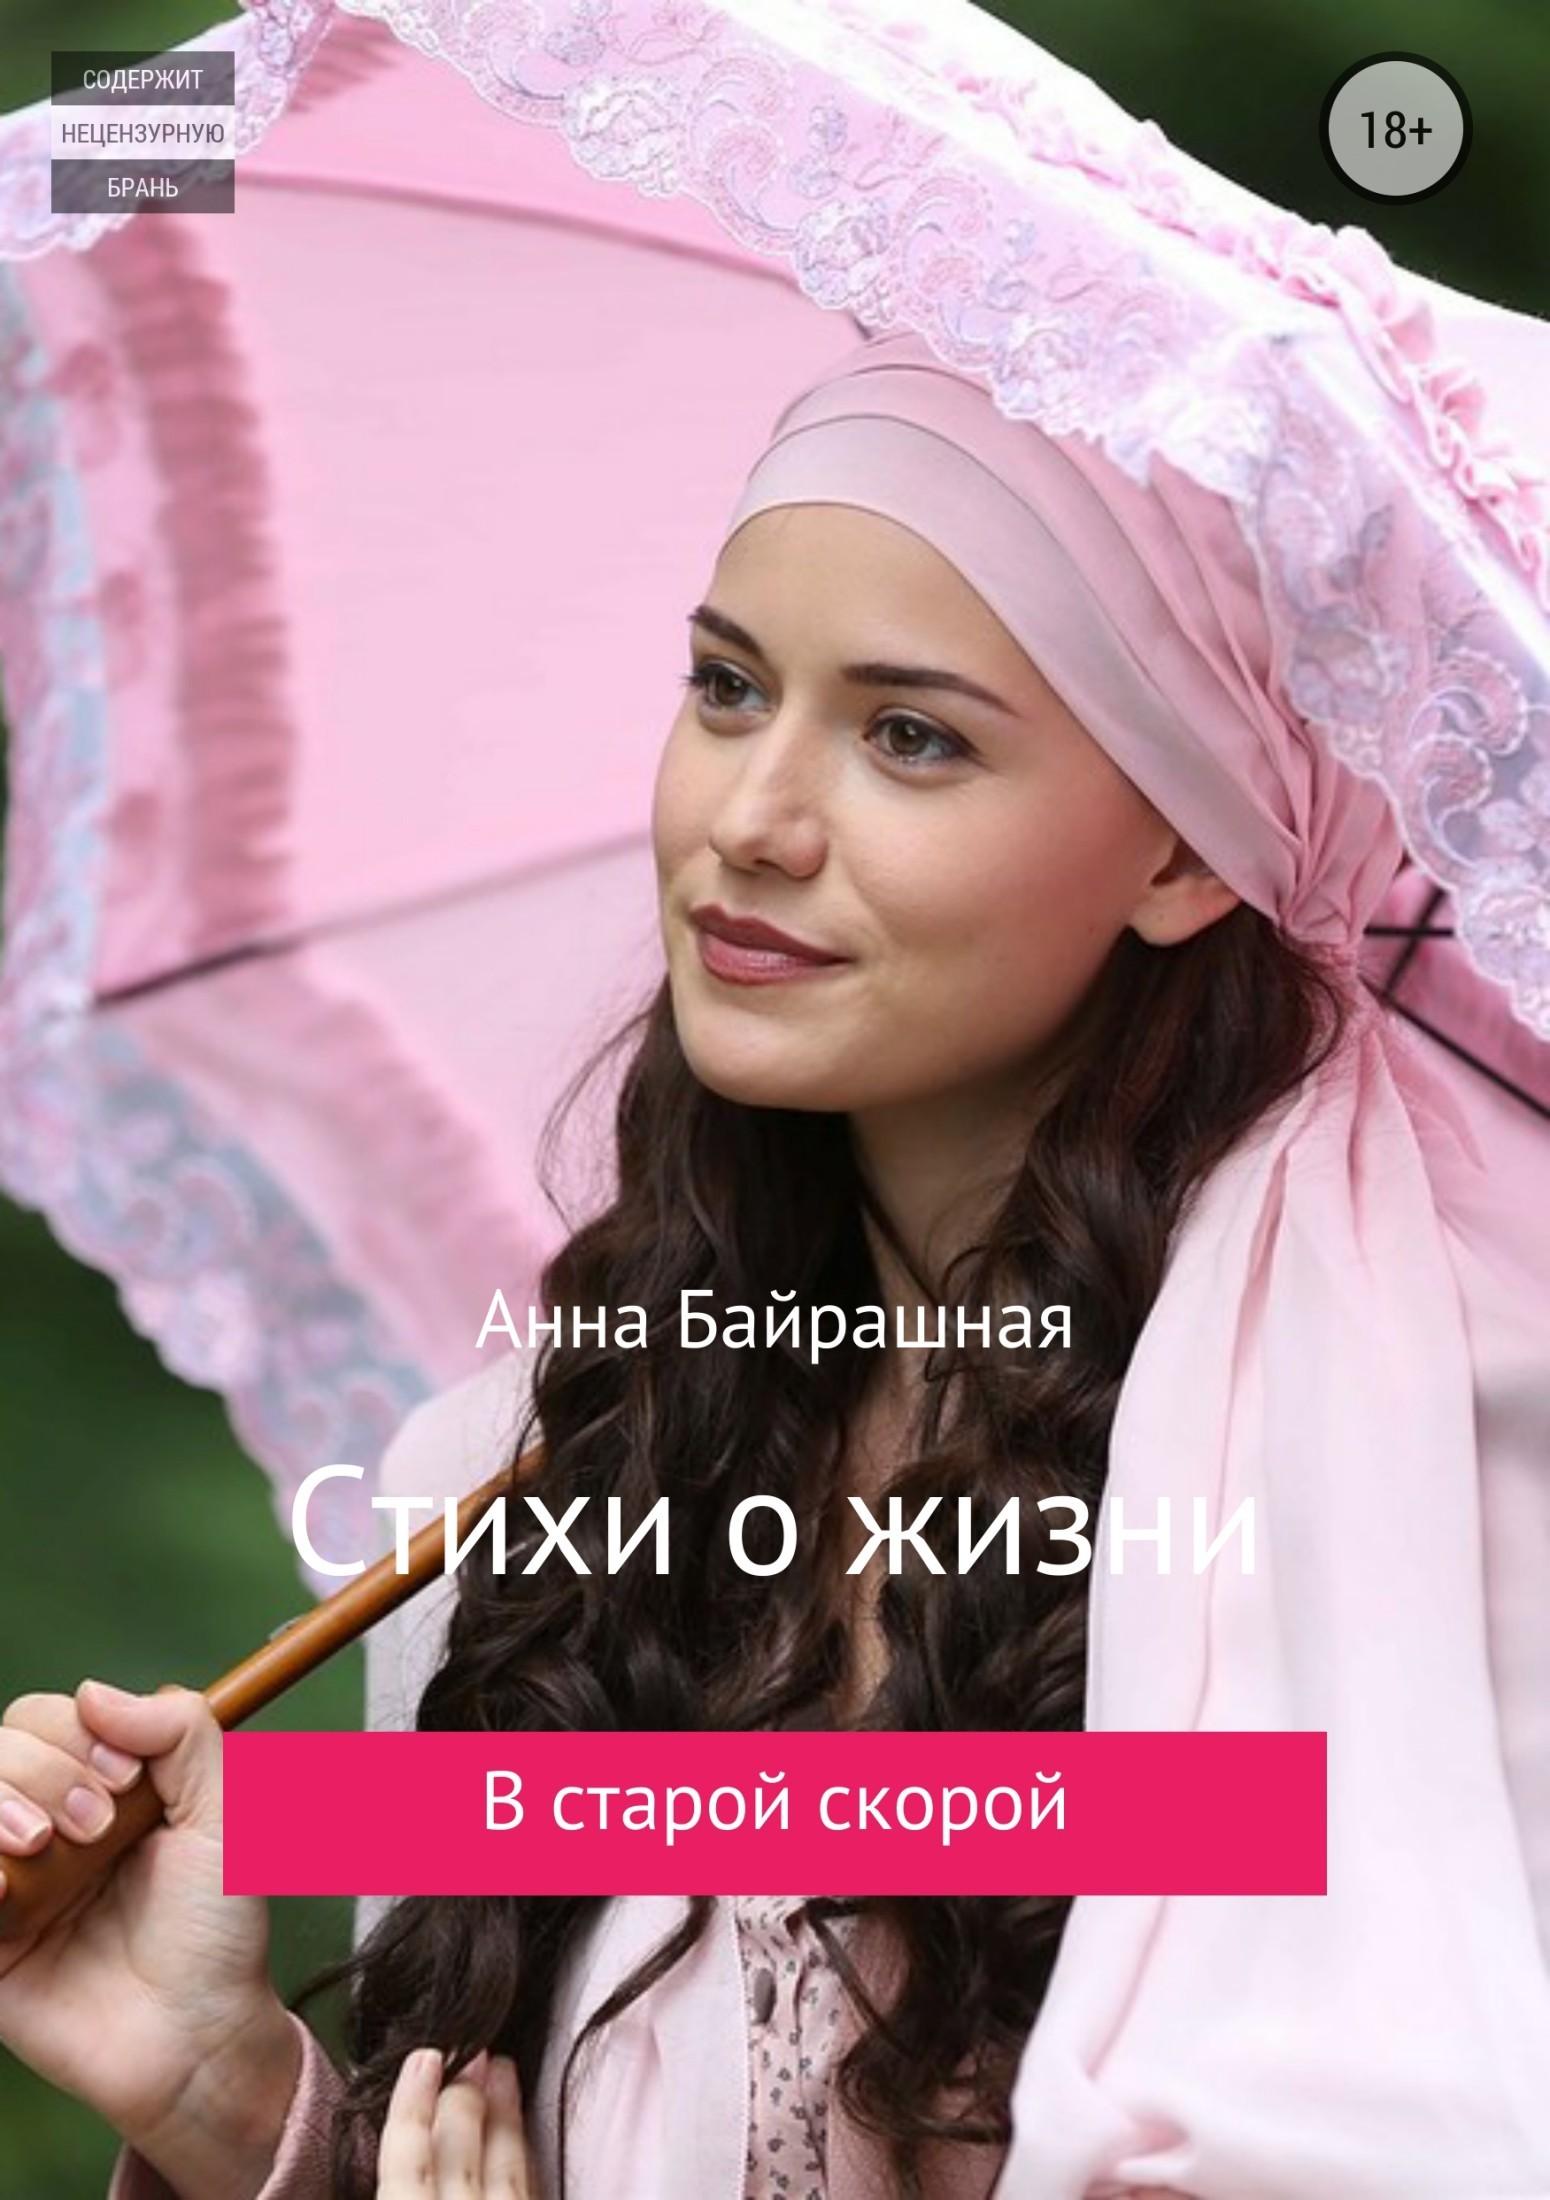 Анна Сергеевна Байрашная Стихи о жизни анна дубок синтетическое счастье сборник стихов